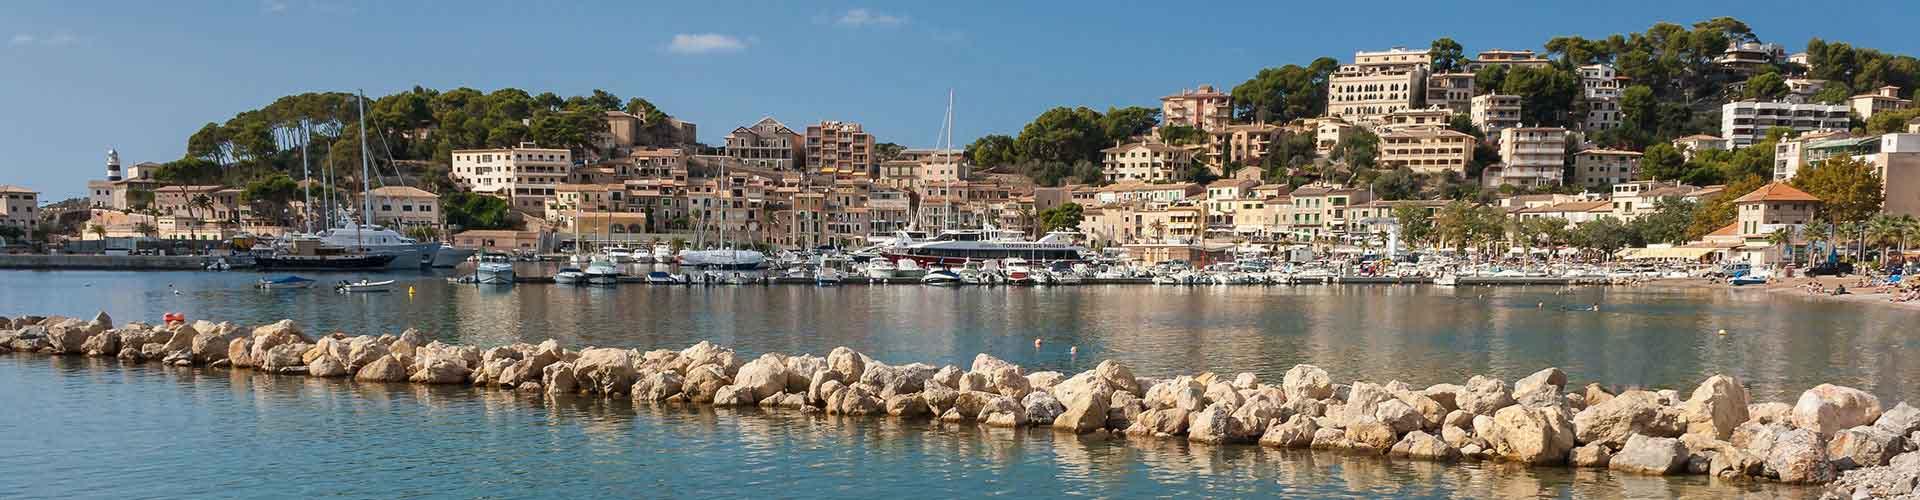 Majorque - Auberges de jeunesse à Majorque. Cartes pour Majorque, photos et commentaires pour chaque auberge de jeunesse à Majorque.